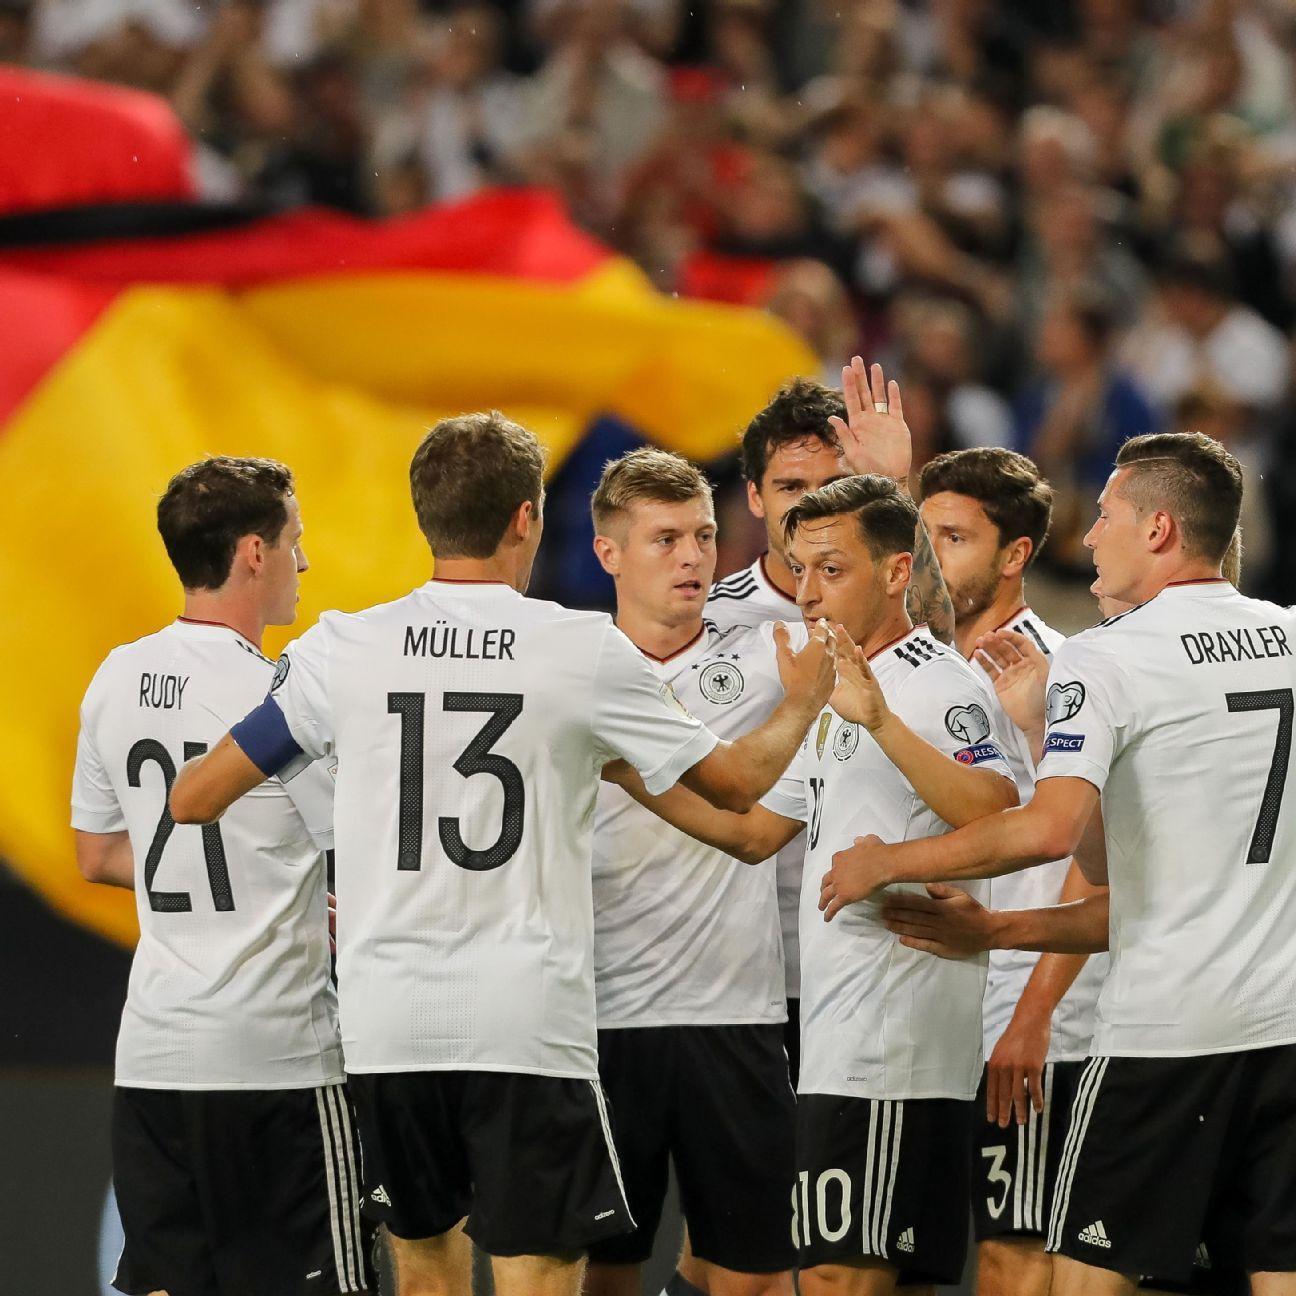 Alemania presentó candidatura para la Euro 2024